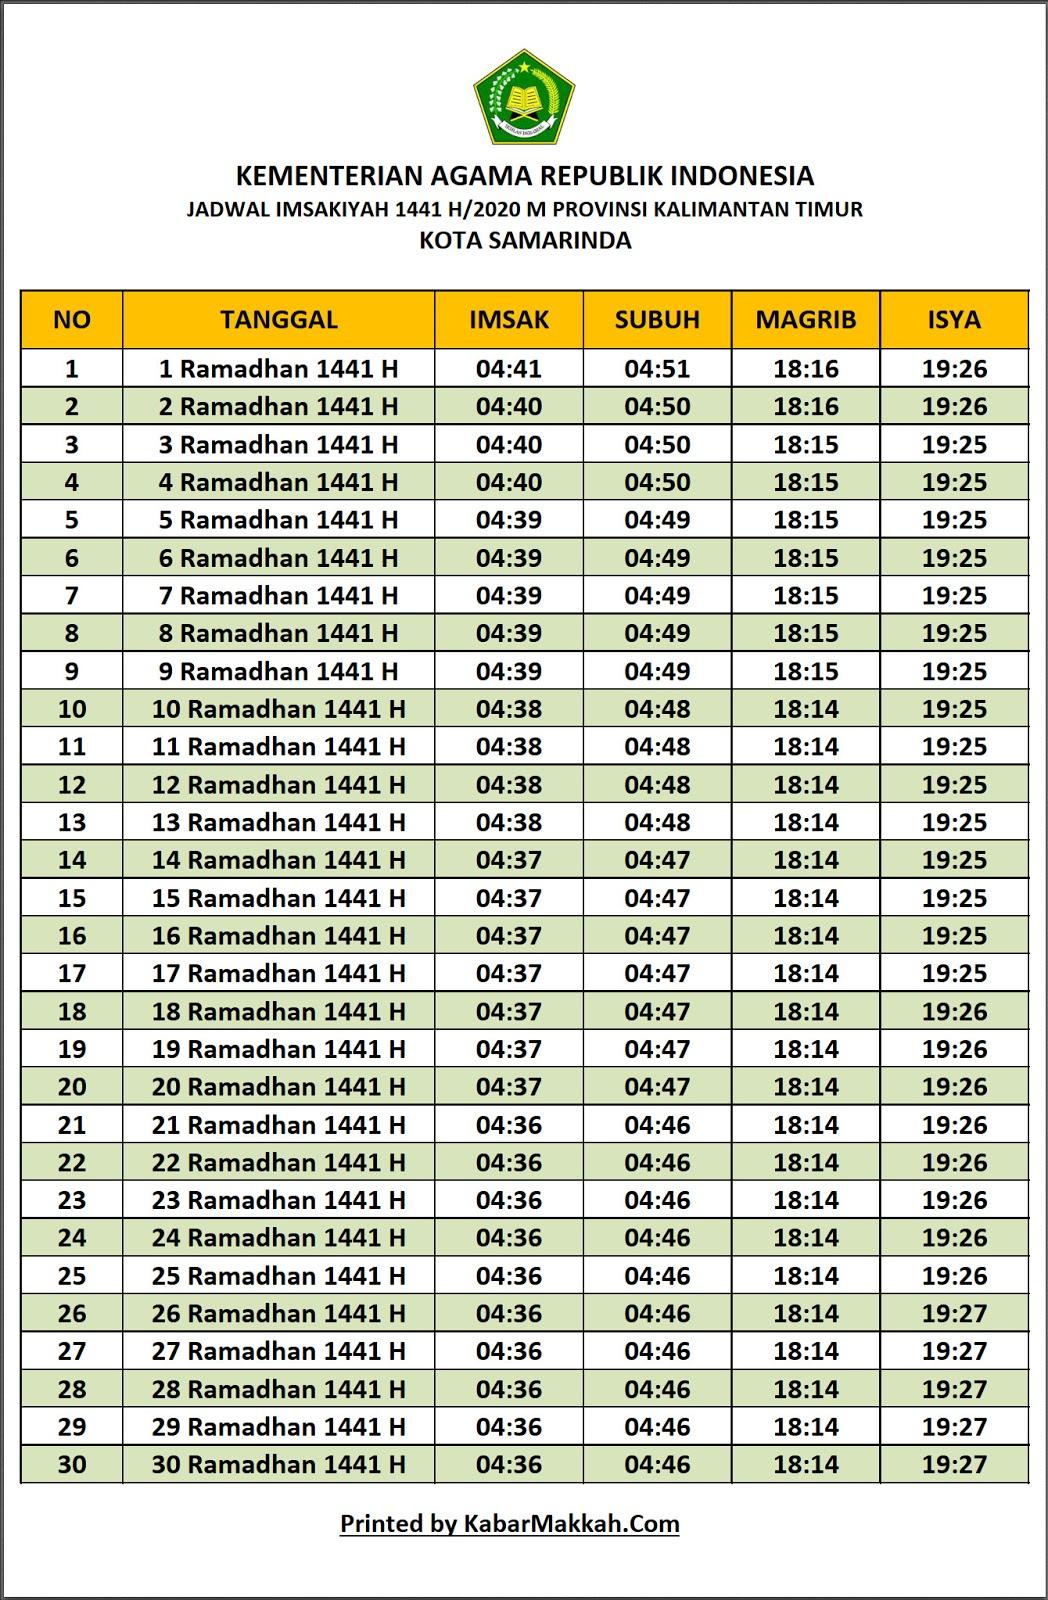 Jadwal Imsakiyah Samarinda 2020